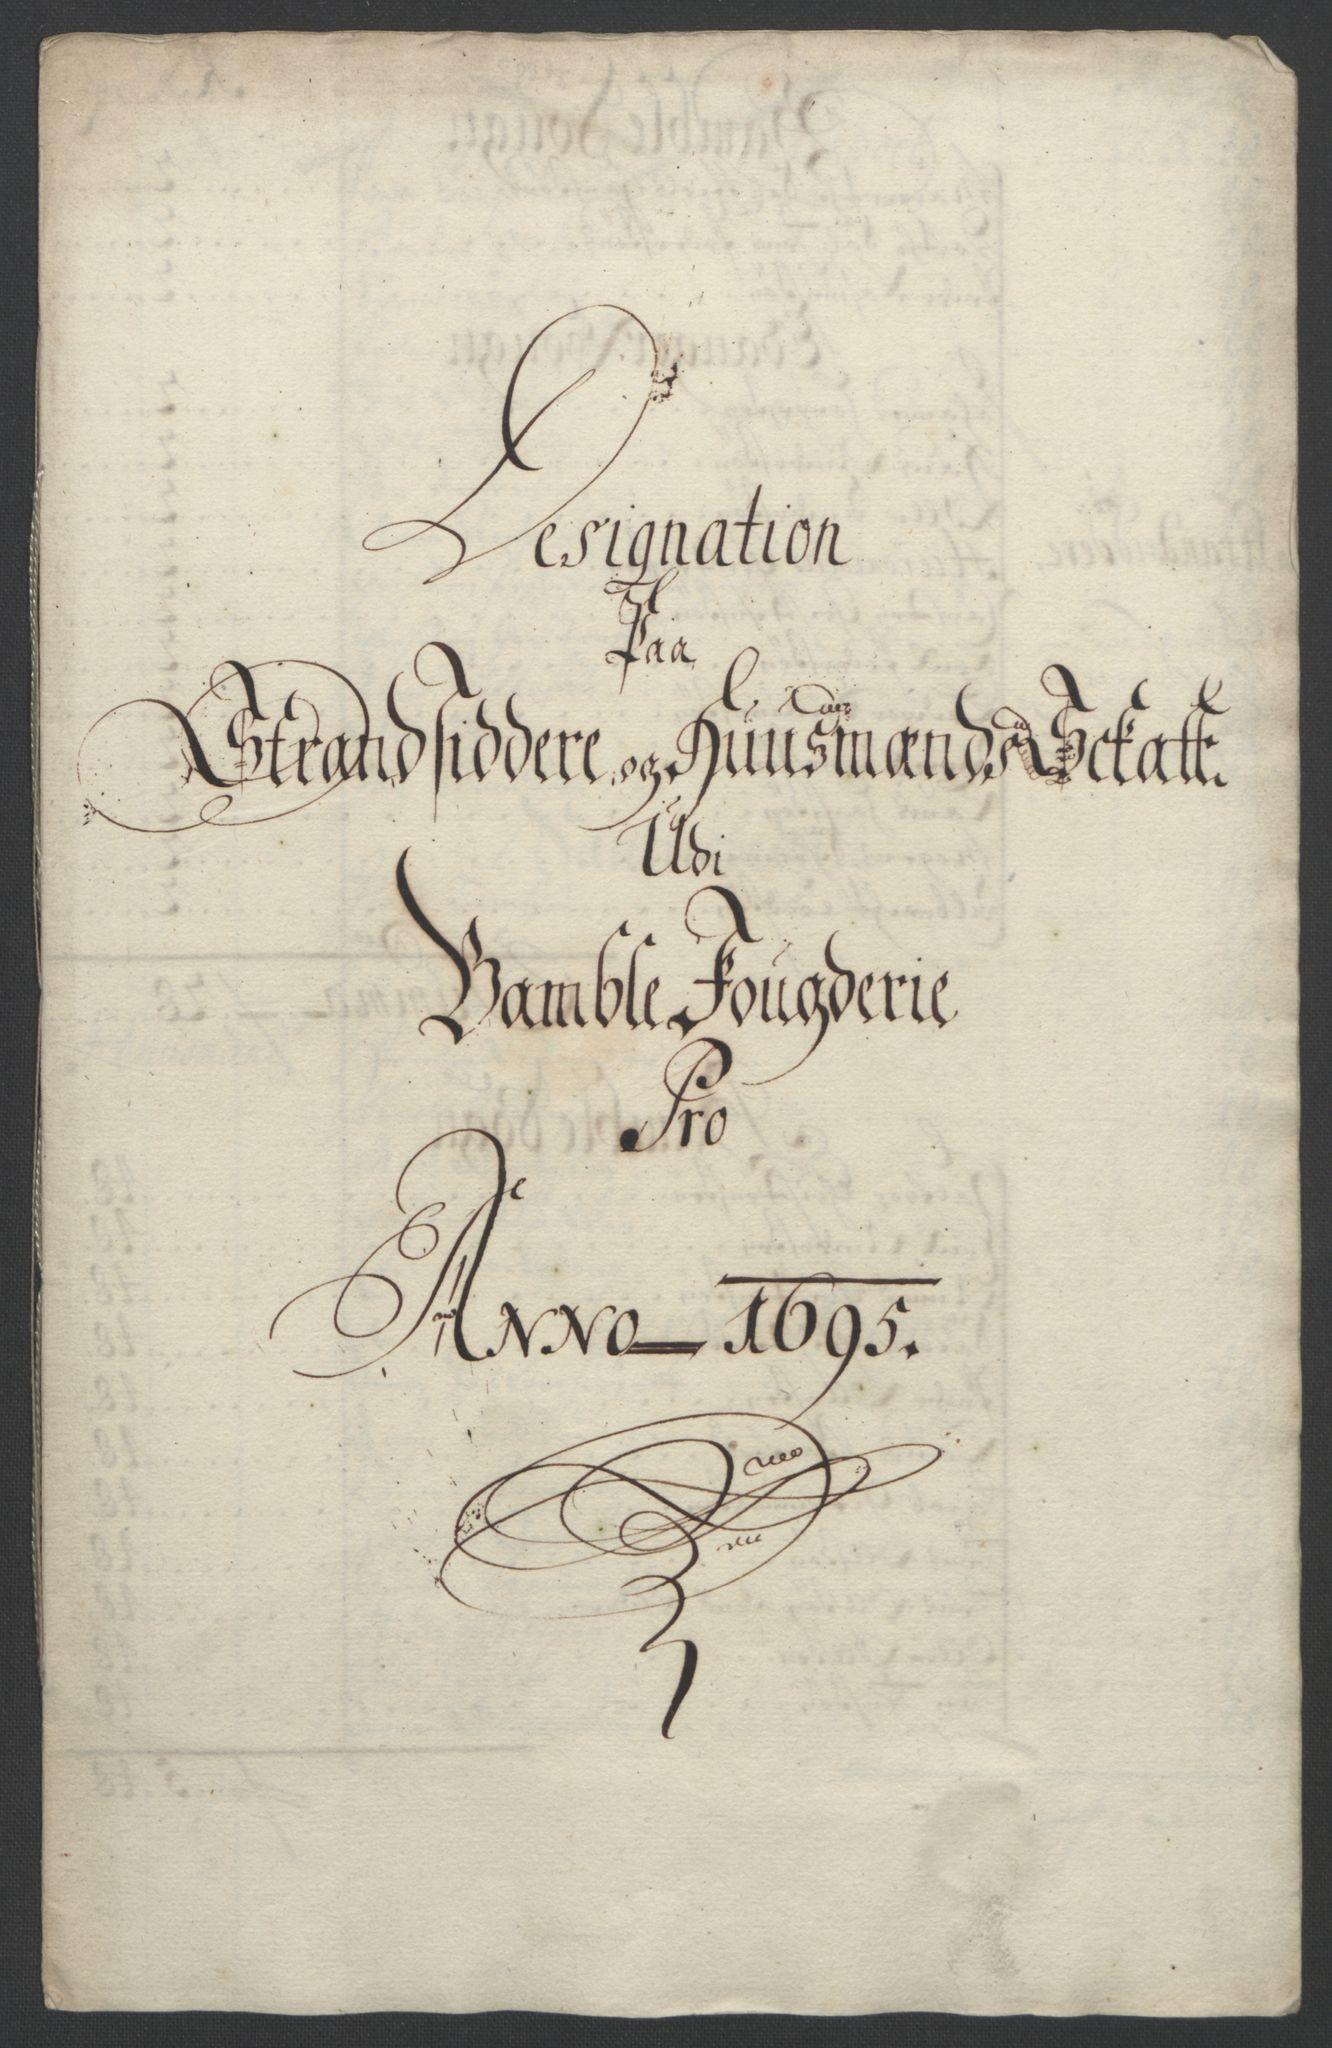 RA, Rentekammeret inntil 1814, Reviderte regnskaper, Fogderegnskap, R36/L2093: Fogderegnskap Øvre og Nedre Telemark og Bamble, 1695, s. 448